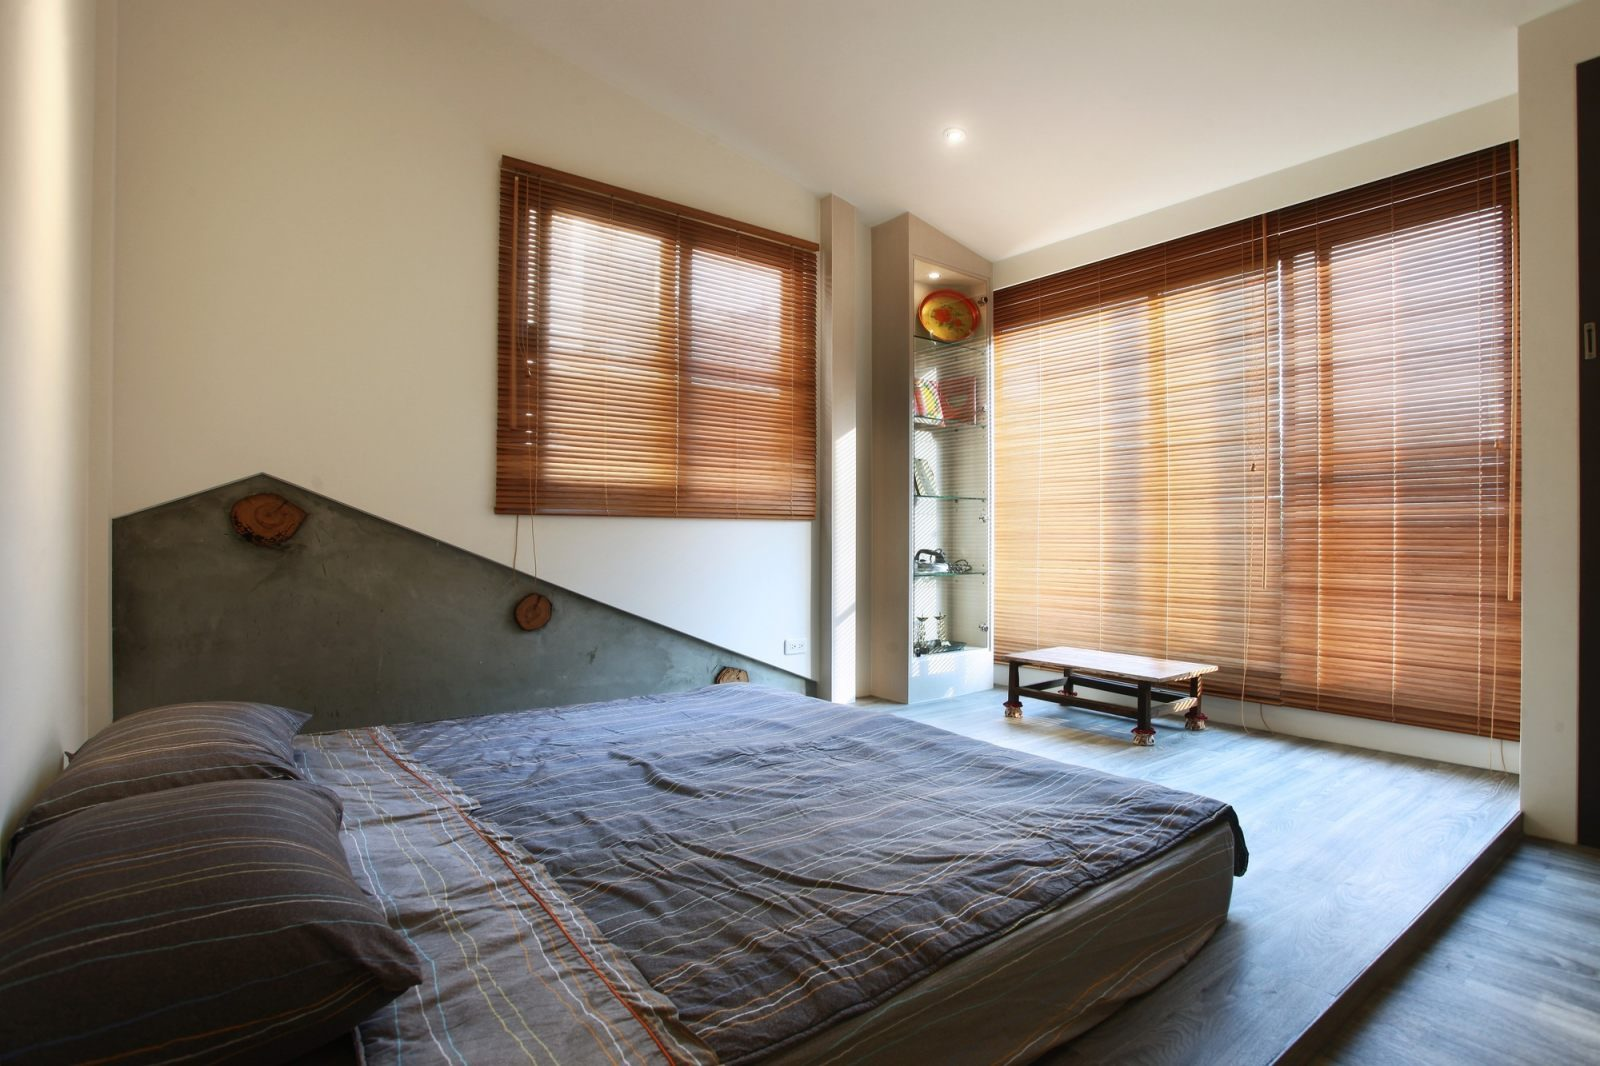 Consejos para una habitaci n minimalista im genes y fotos Home decor ideas for small homes pinterest